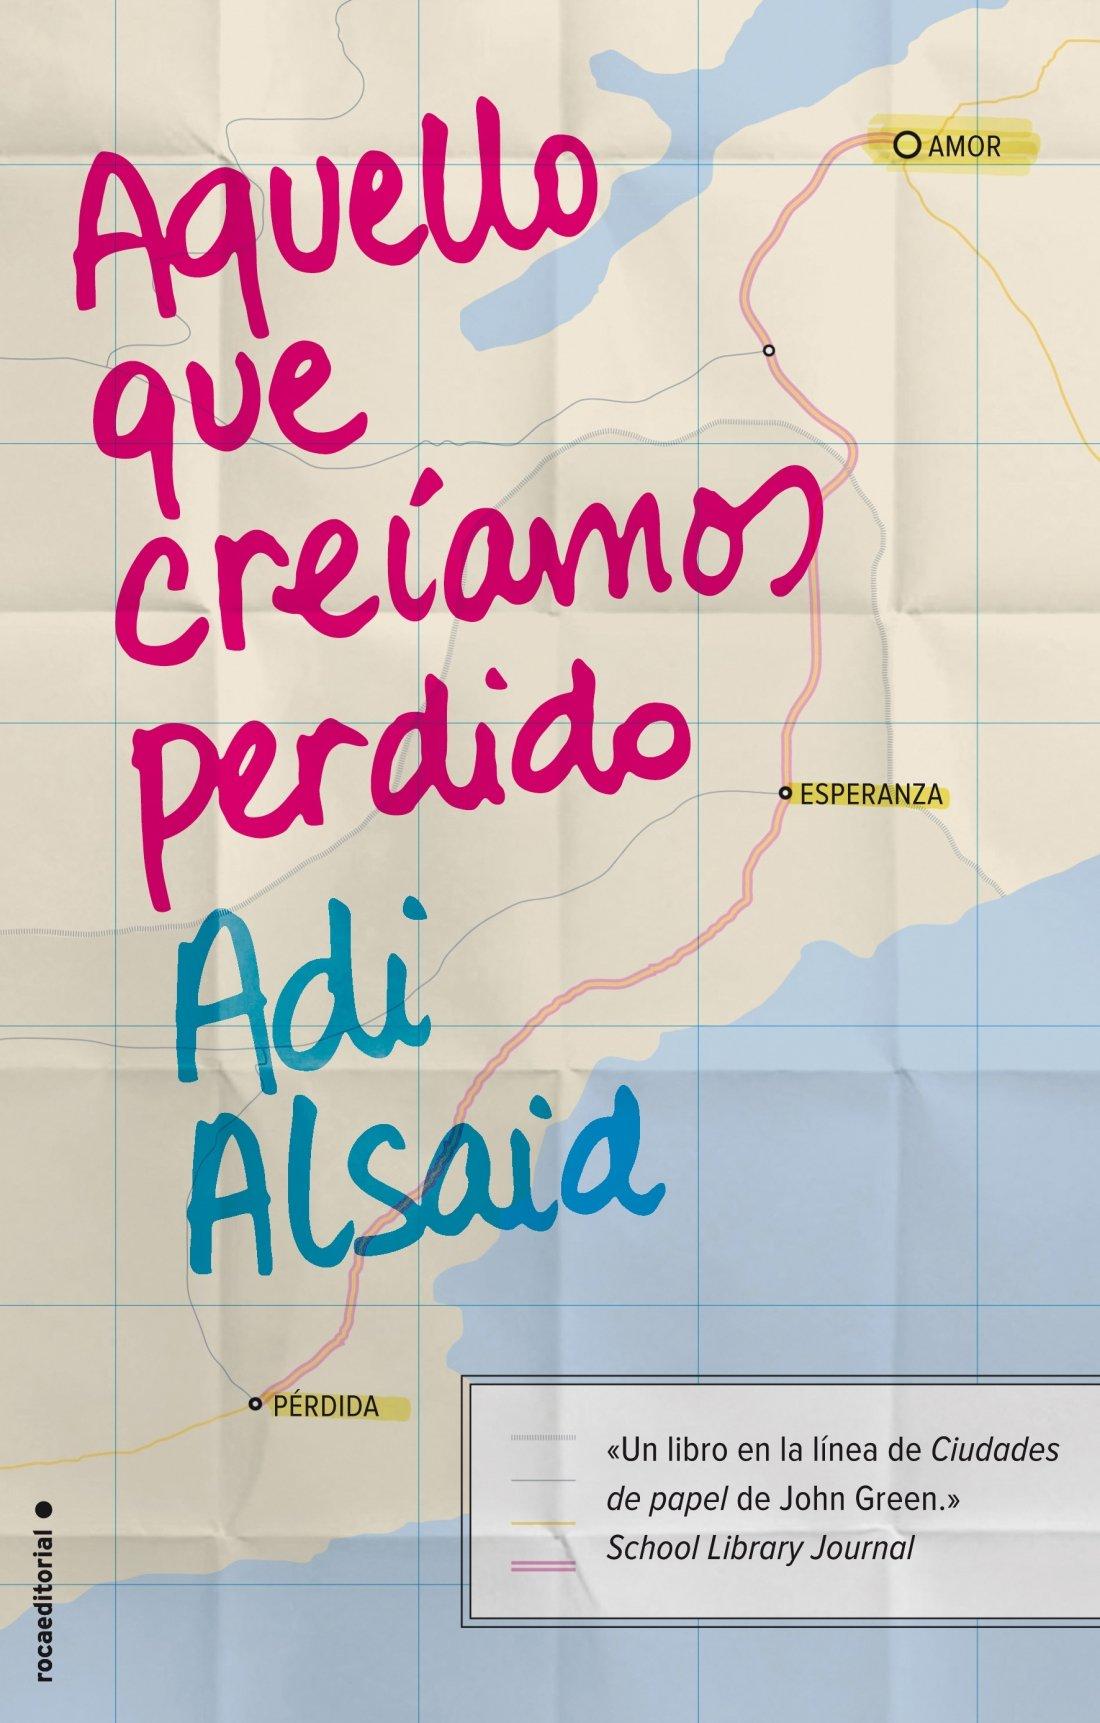 Aquello que creíamos perdido Junior - Juvenil roca: Amazon.es: Adi Alsaid, Santiago Del Rey: Libros